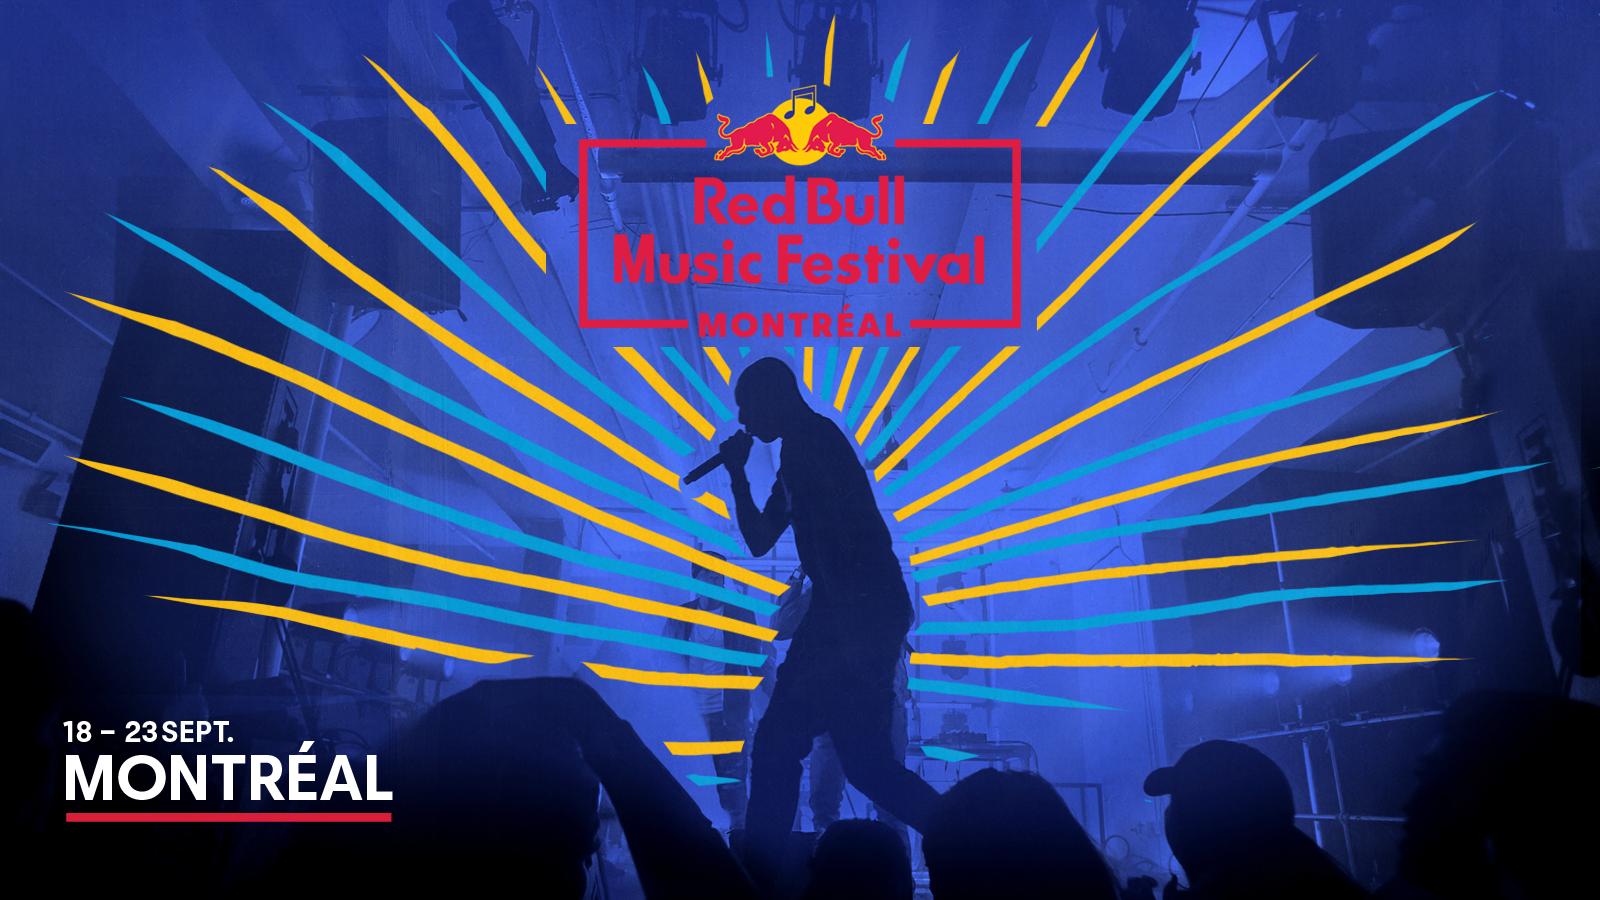 Red Bull Music Festival - Montréal